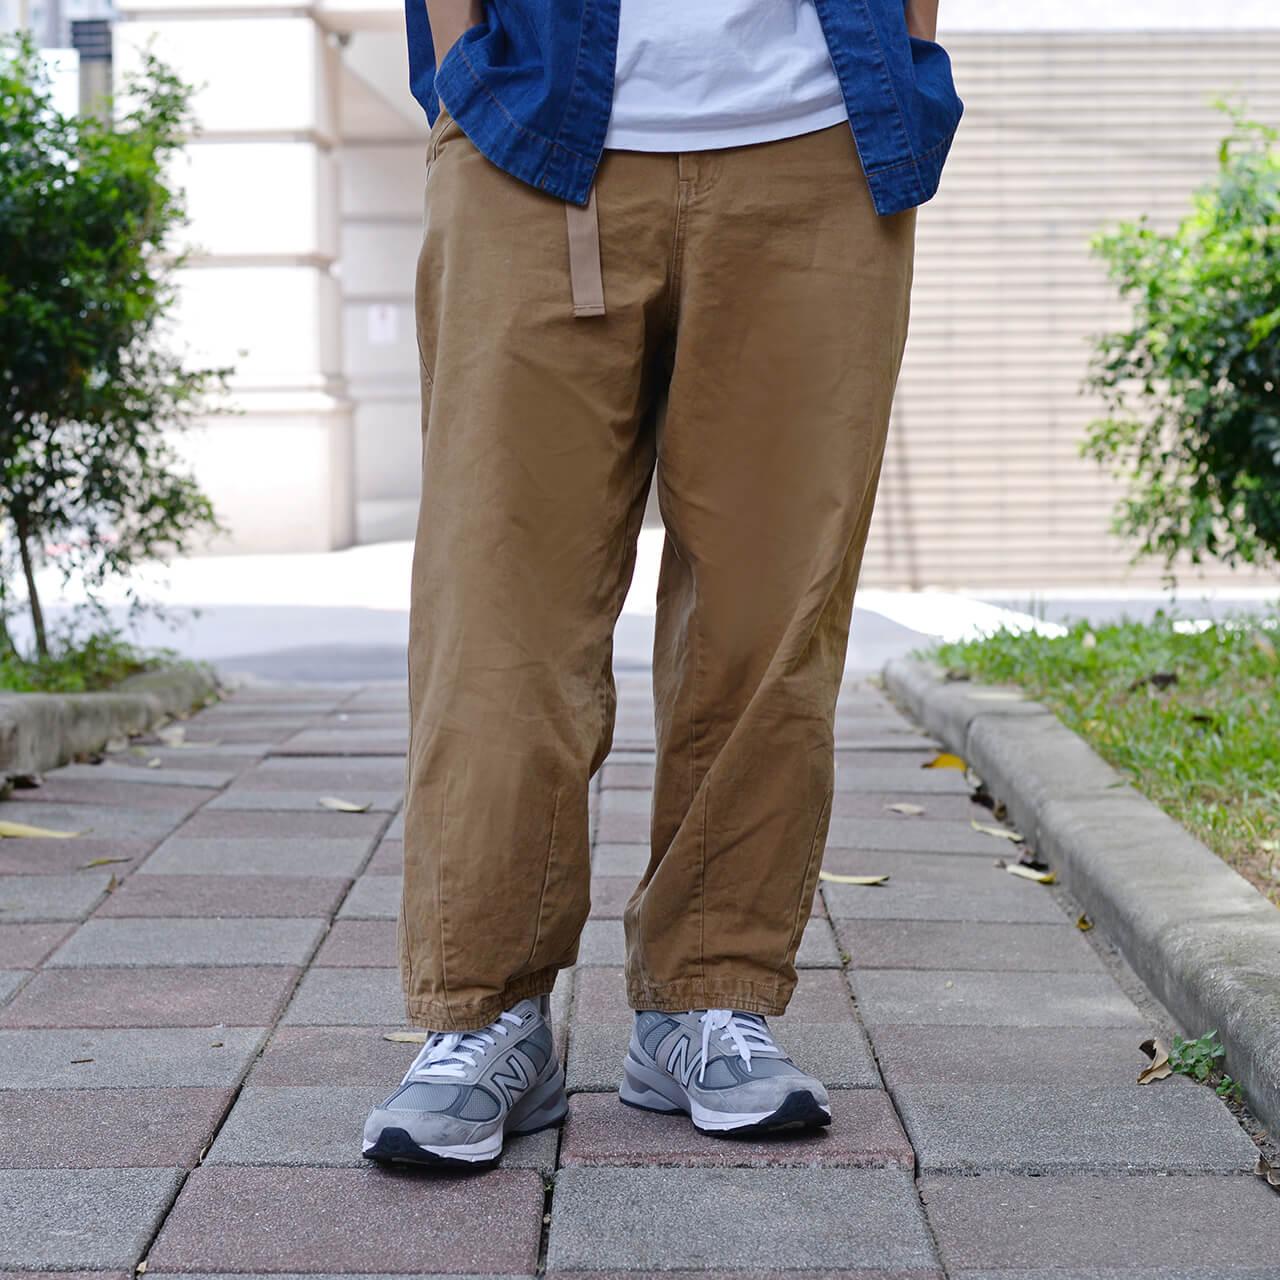 寬褲搭配,寬褲穿搭,寬褲,寬褲男,寬褲穿搭2019,寬褲穿搭男,寬褲搭配什麼鞋,寬褲搭配上衣